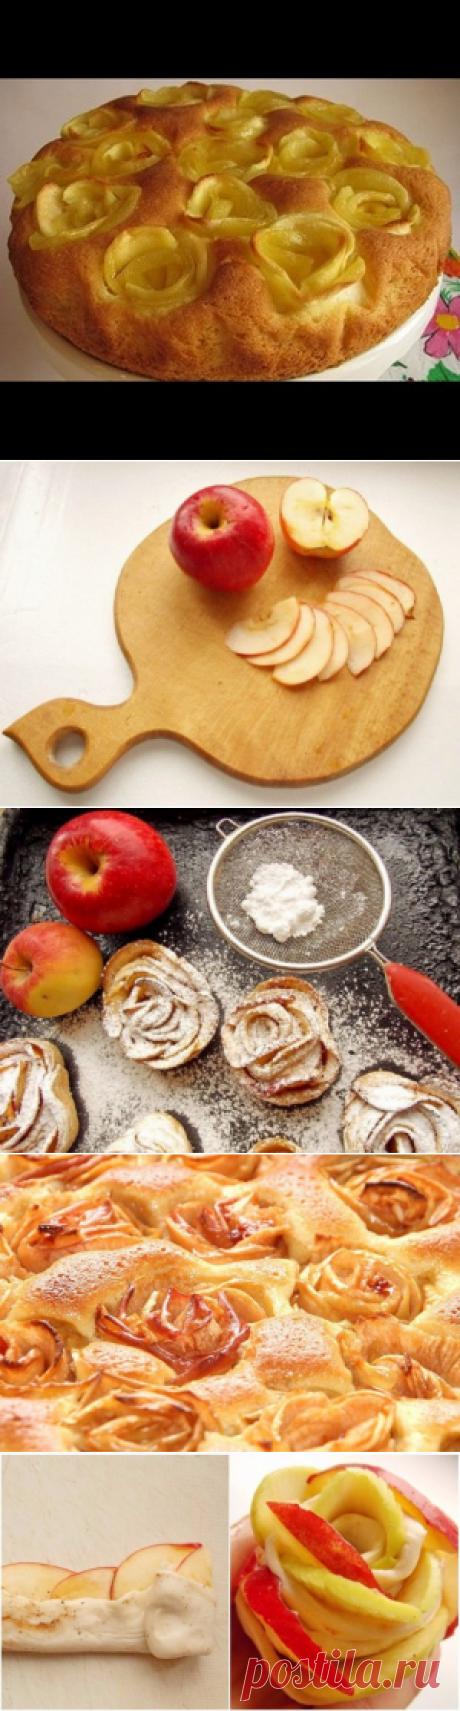 Оригинальная яблочная шарлотка!